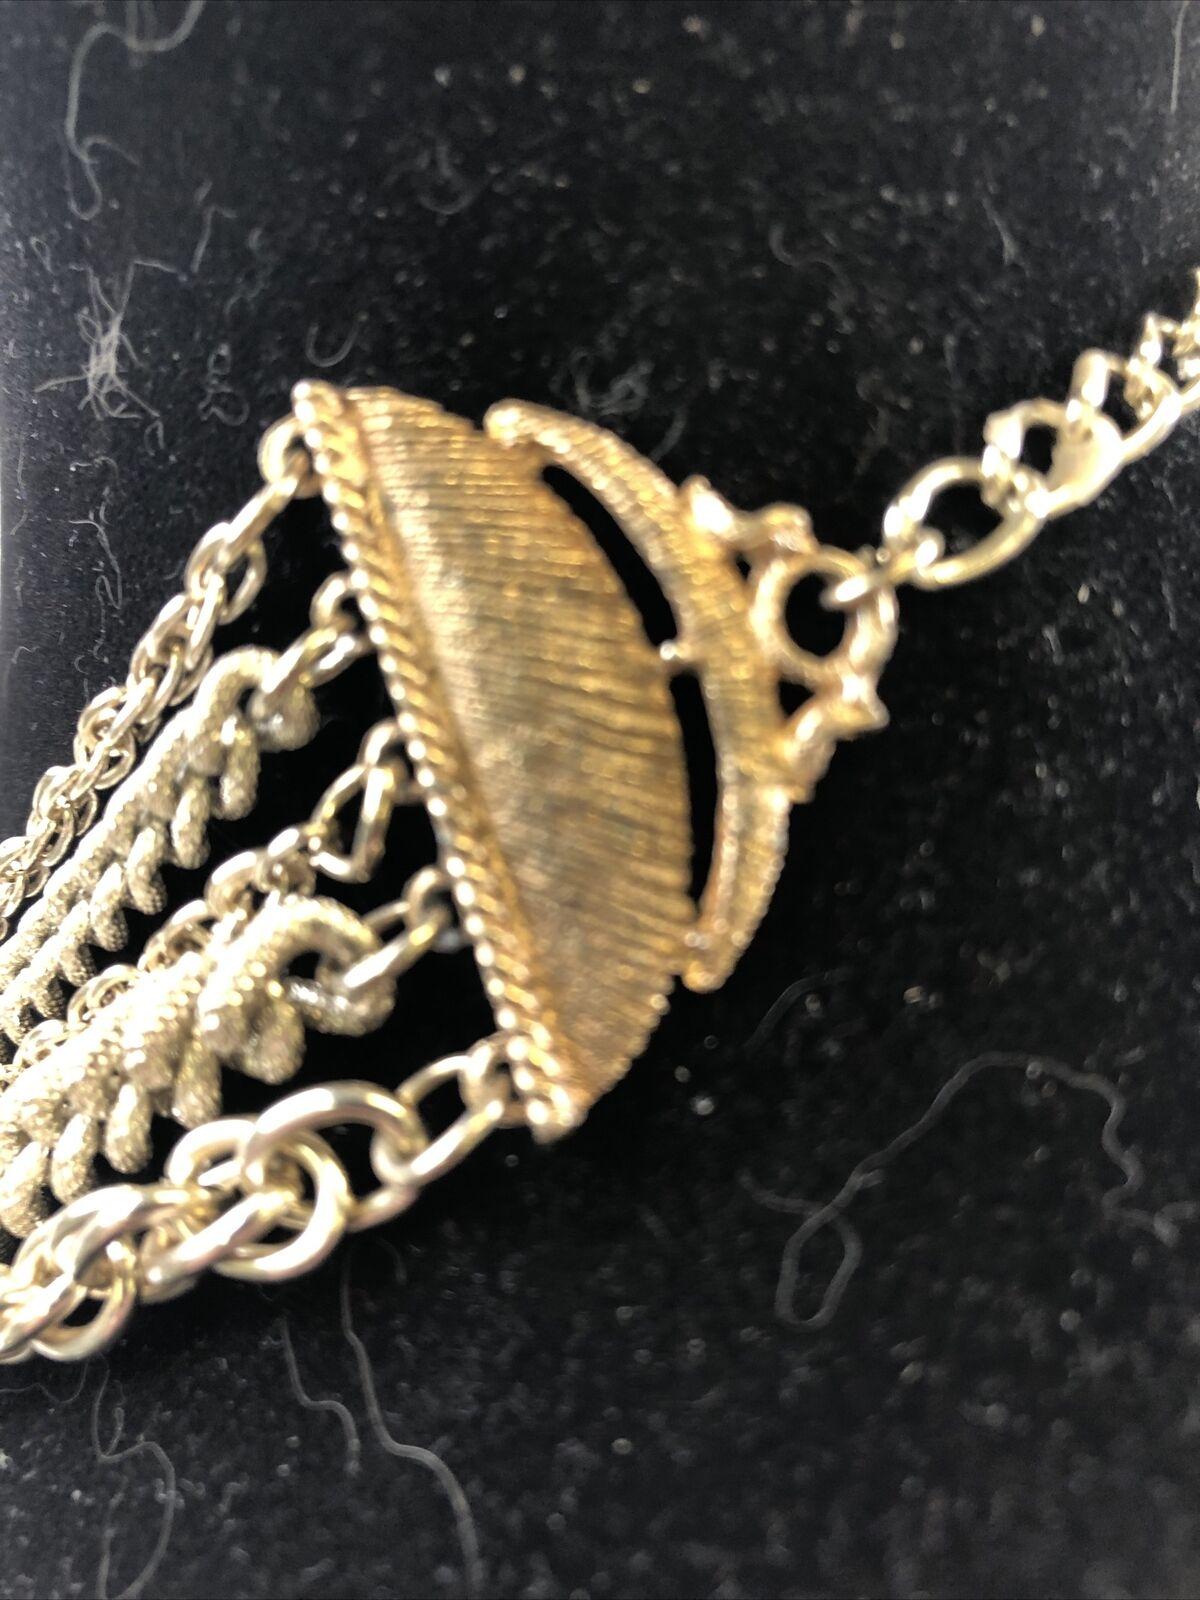 Multi-Chain Silver Tone Necklace - image 5